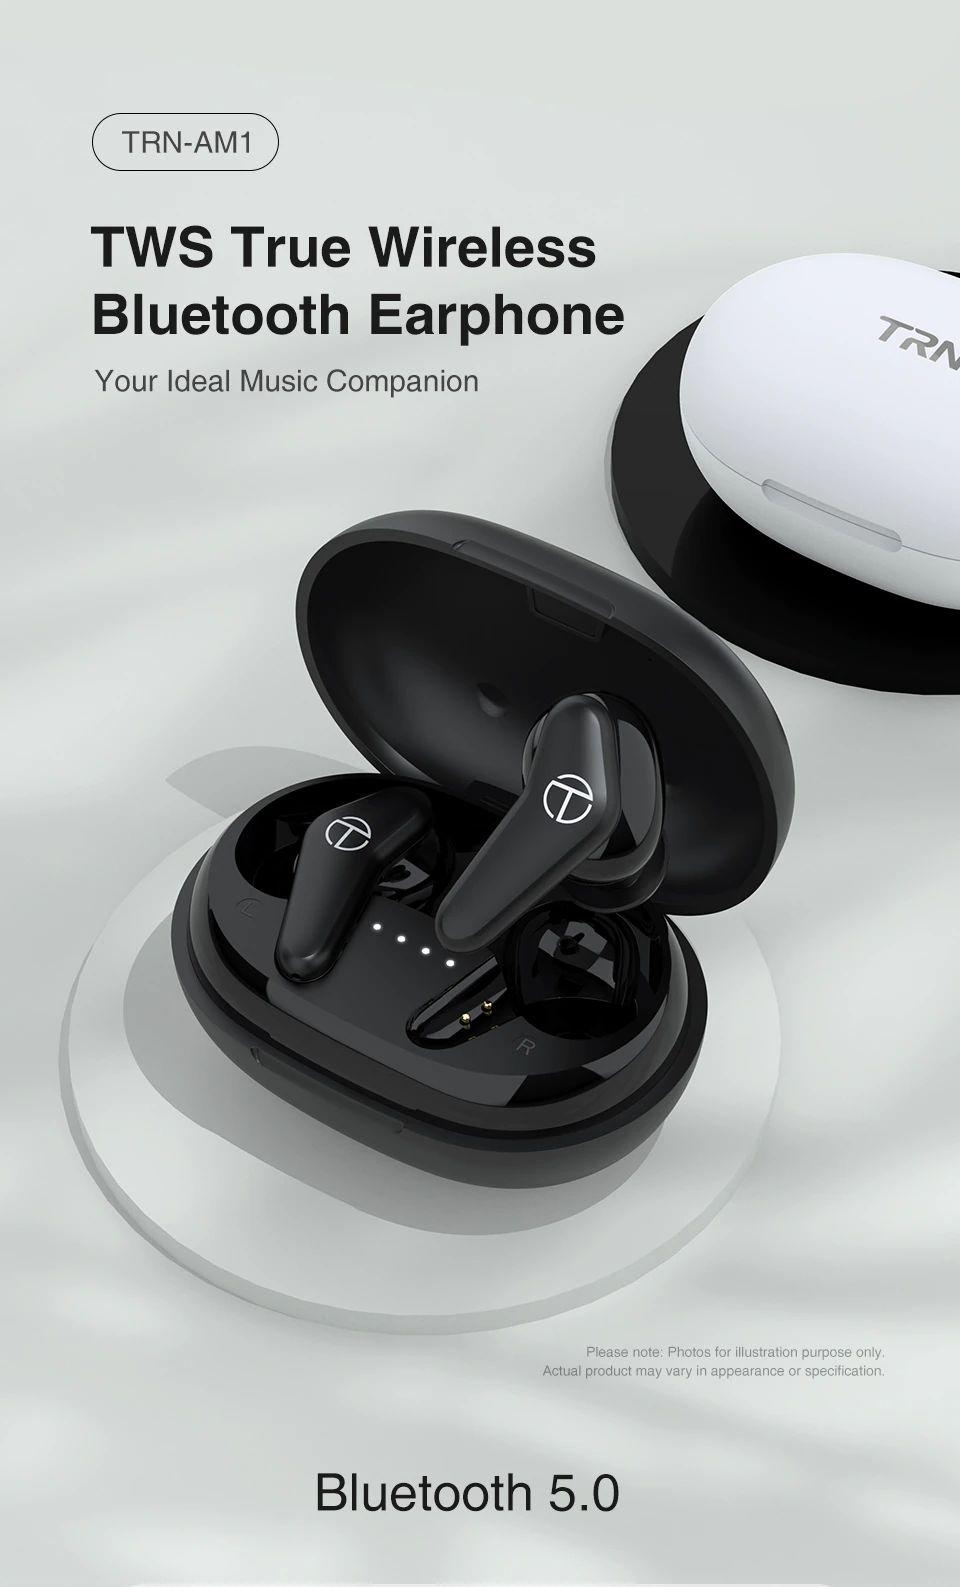 Trn Am1 Tws Dynamic Earbuds Bluetooth 5 0 (2)